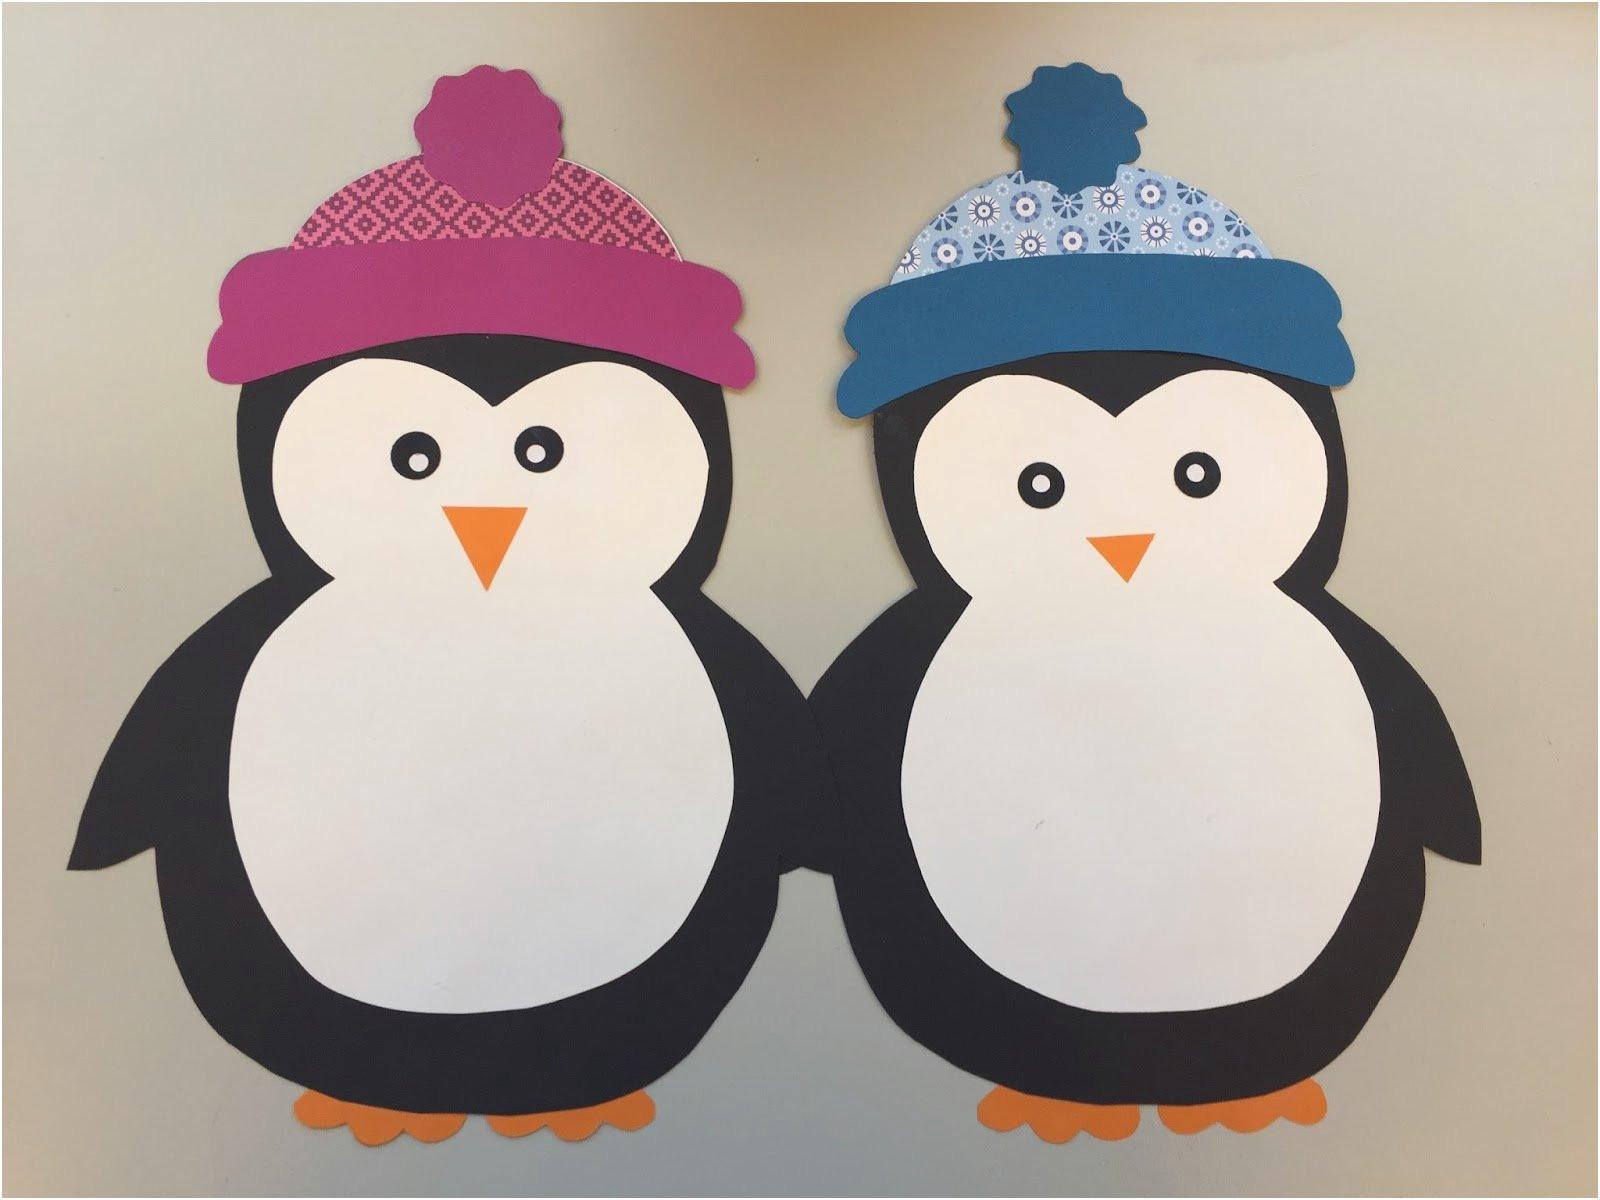 Pinguin Vorlage Zum Ausmalen Genial Pinguin Basteln Vorlage Die 554 Besten Bilder Von Pinguine In 2018 Bilder